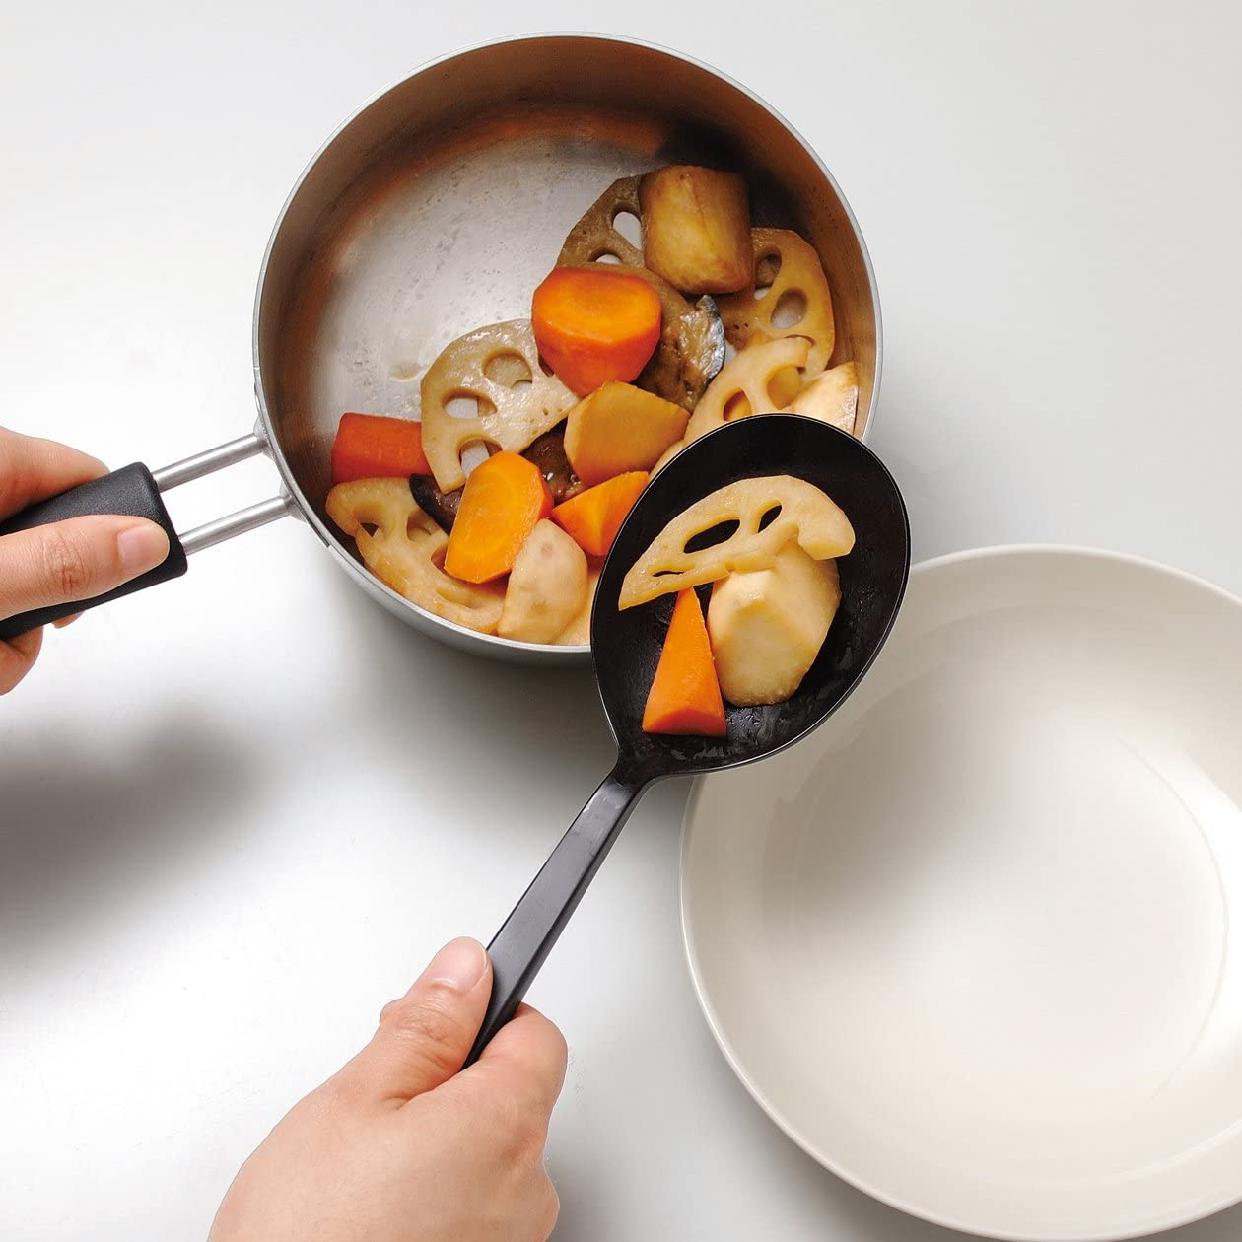 無印良品(むじるしりょうひん)シリコーン調理スプーン 26cmの商品画像2